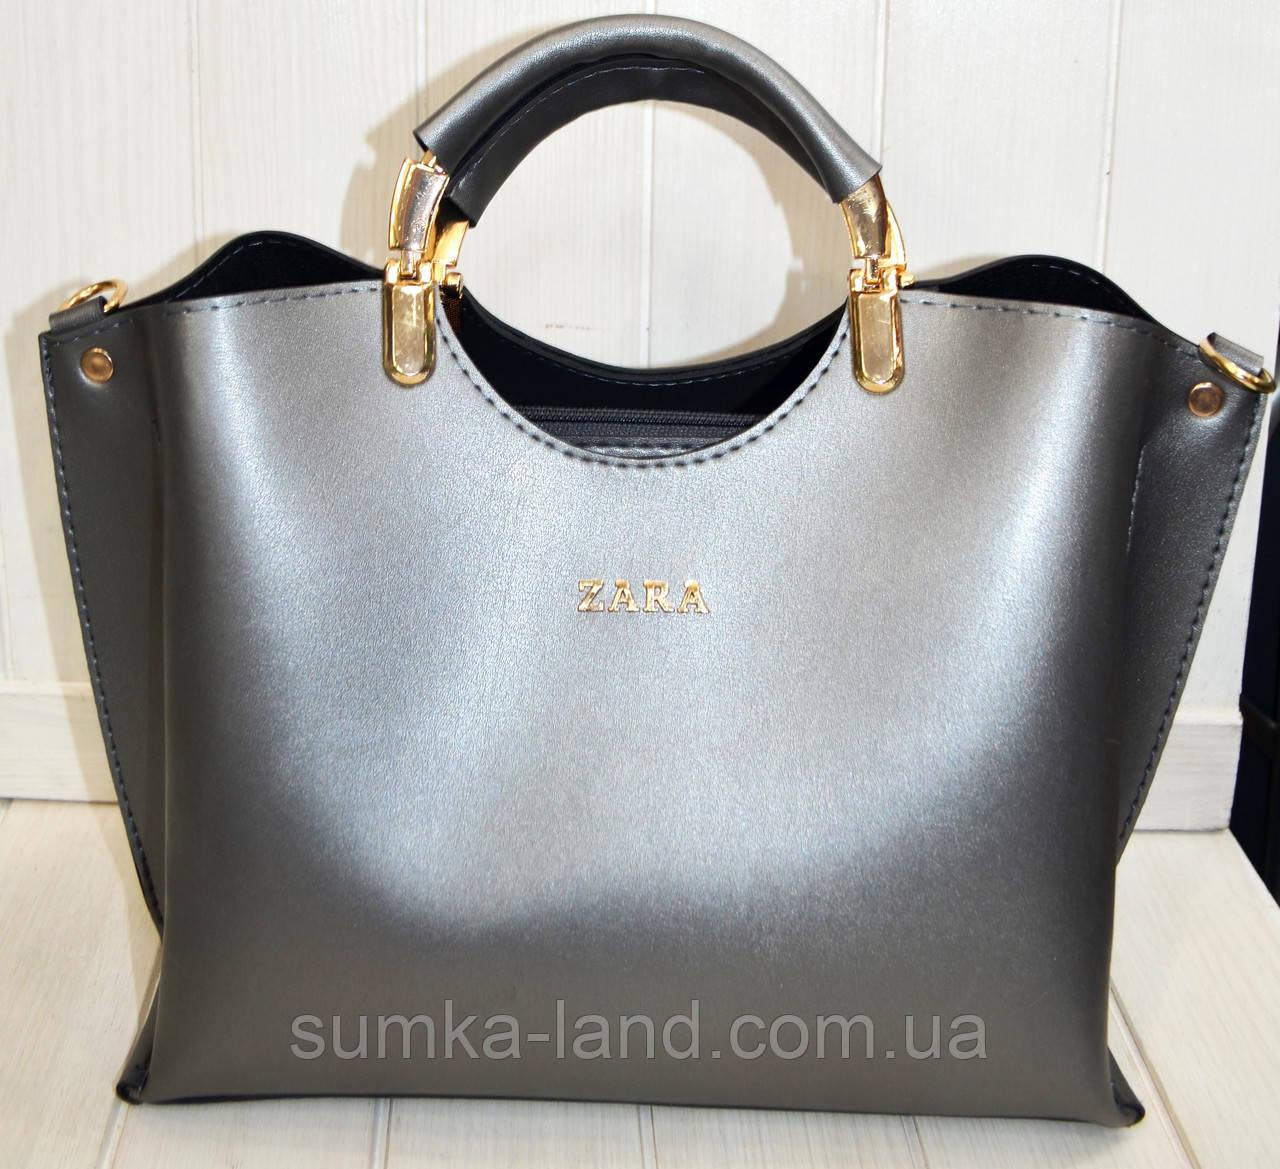 a617c35a27ec Женская сумка стильная Zara графитовая из эко-кожи 27*22 см: продажа ...